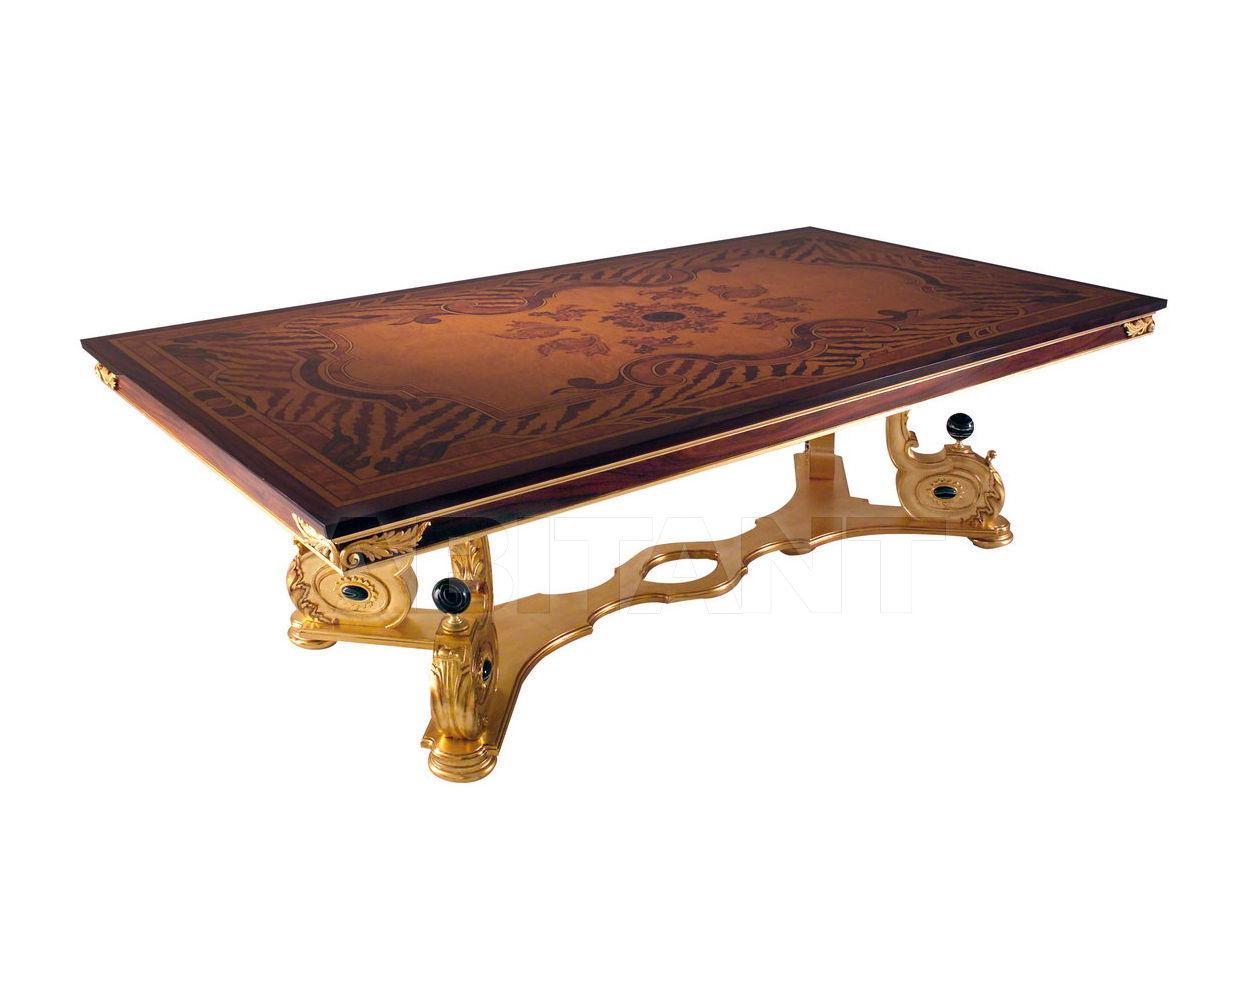 Купить Стол обеденный Colombostile s.p.a. 2010 3640 TAD